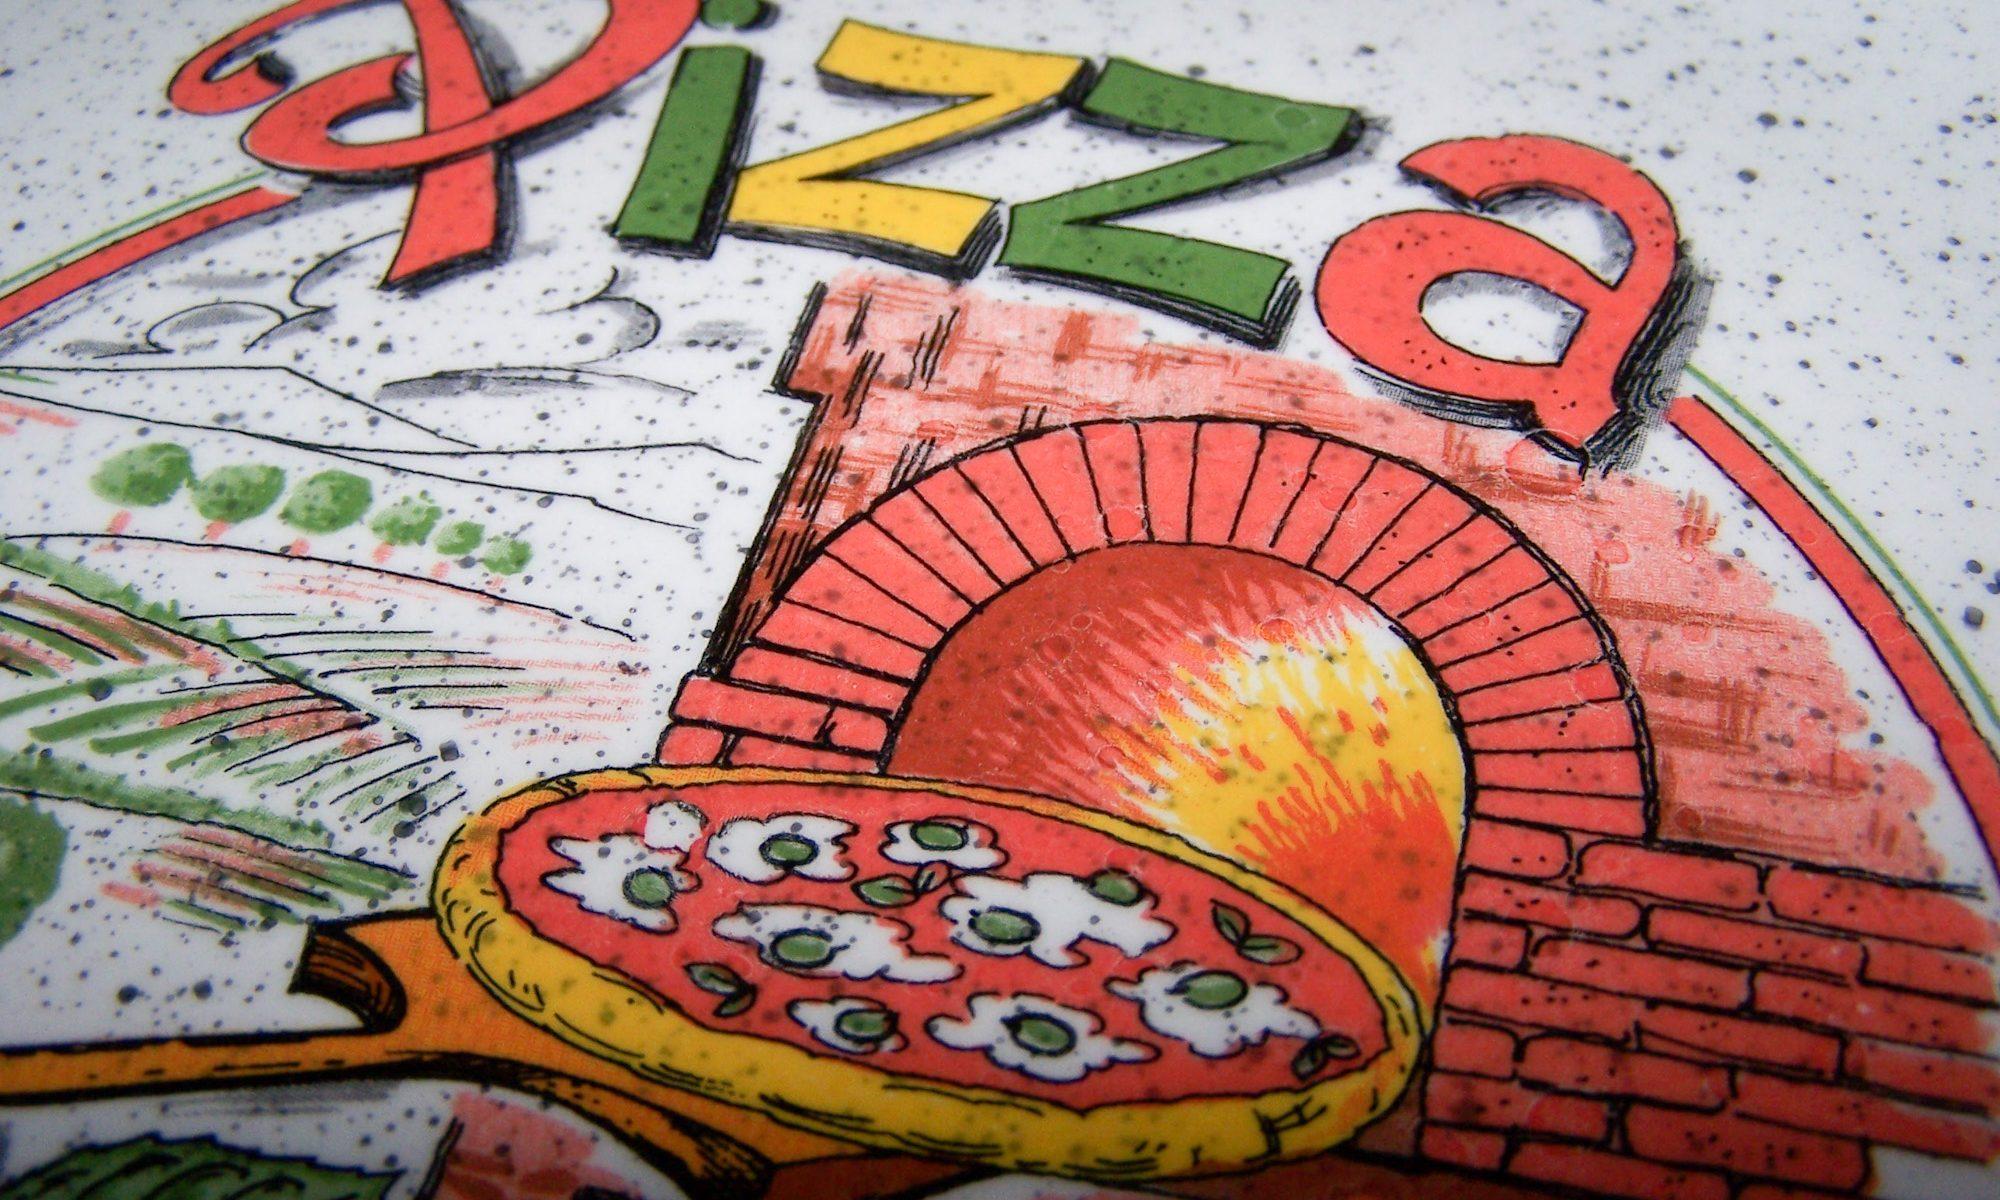 Haushalt - servieren - Geschirr - Pizzateller - Ceramica Ernana - Dekor-Ausschnitt